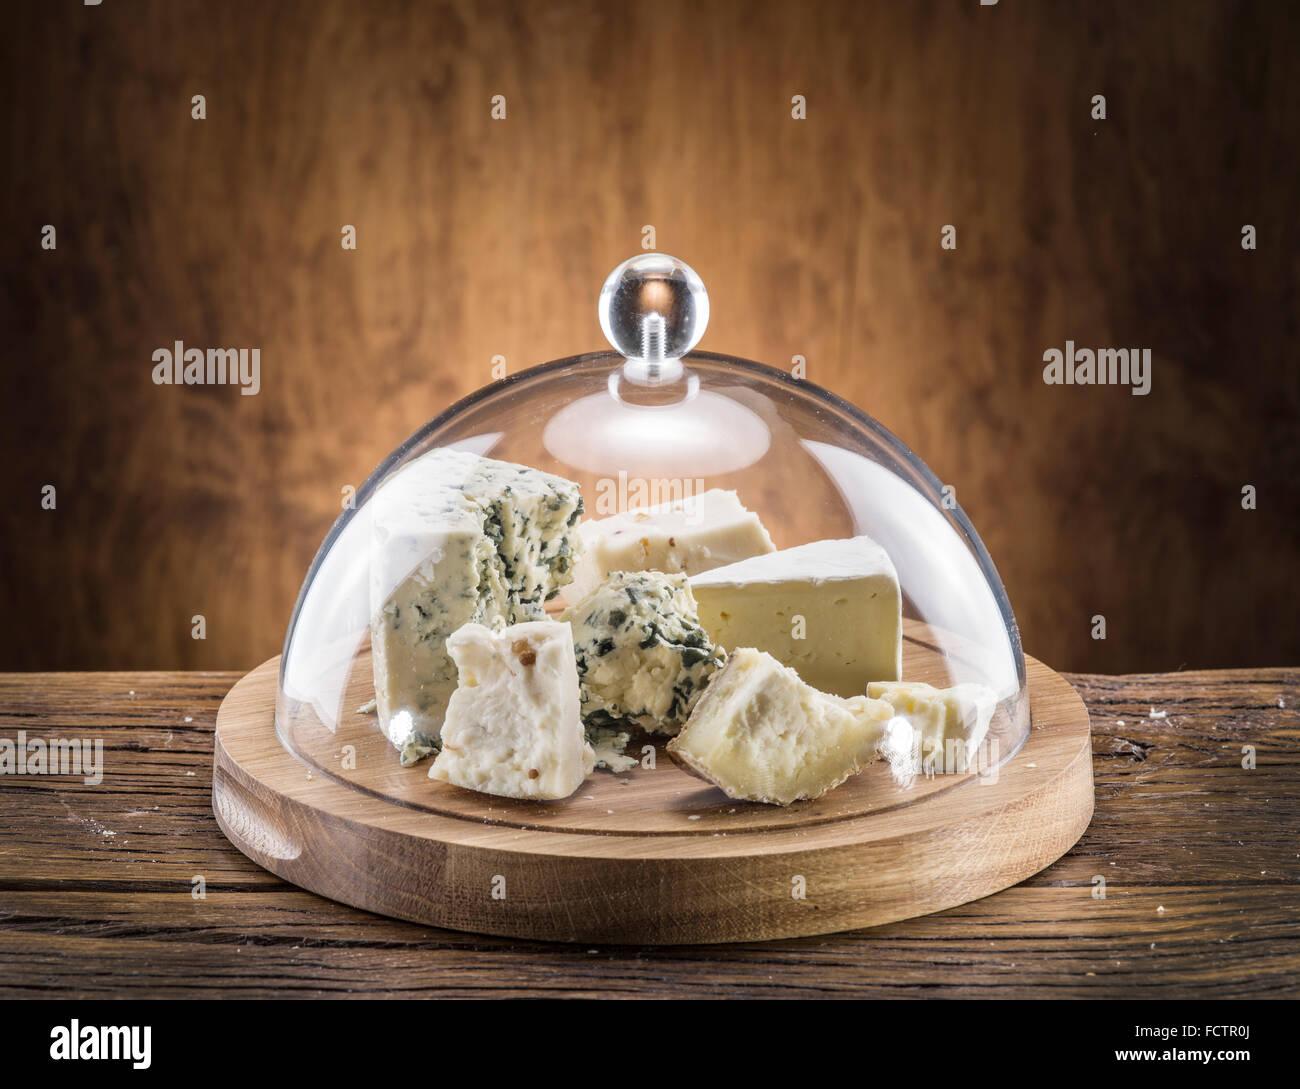 Varietà di formaggi su una tavola di legno. Immagini Stock